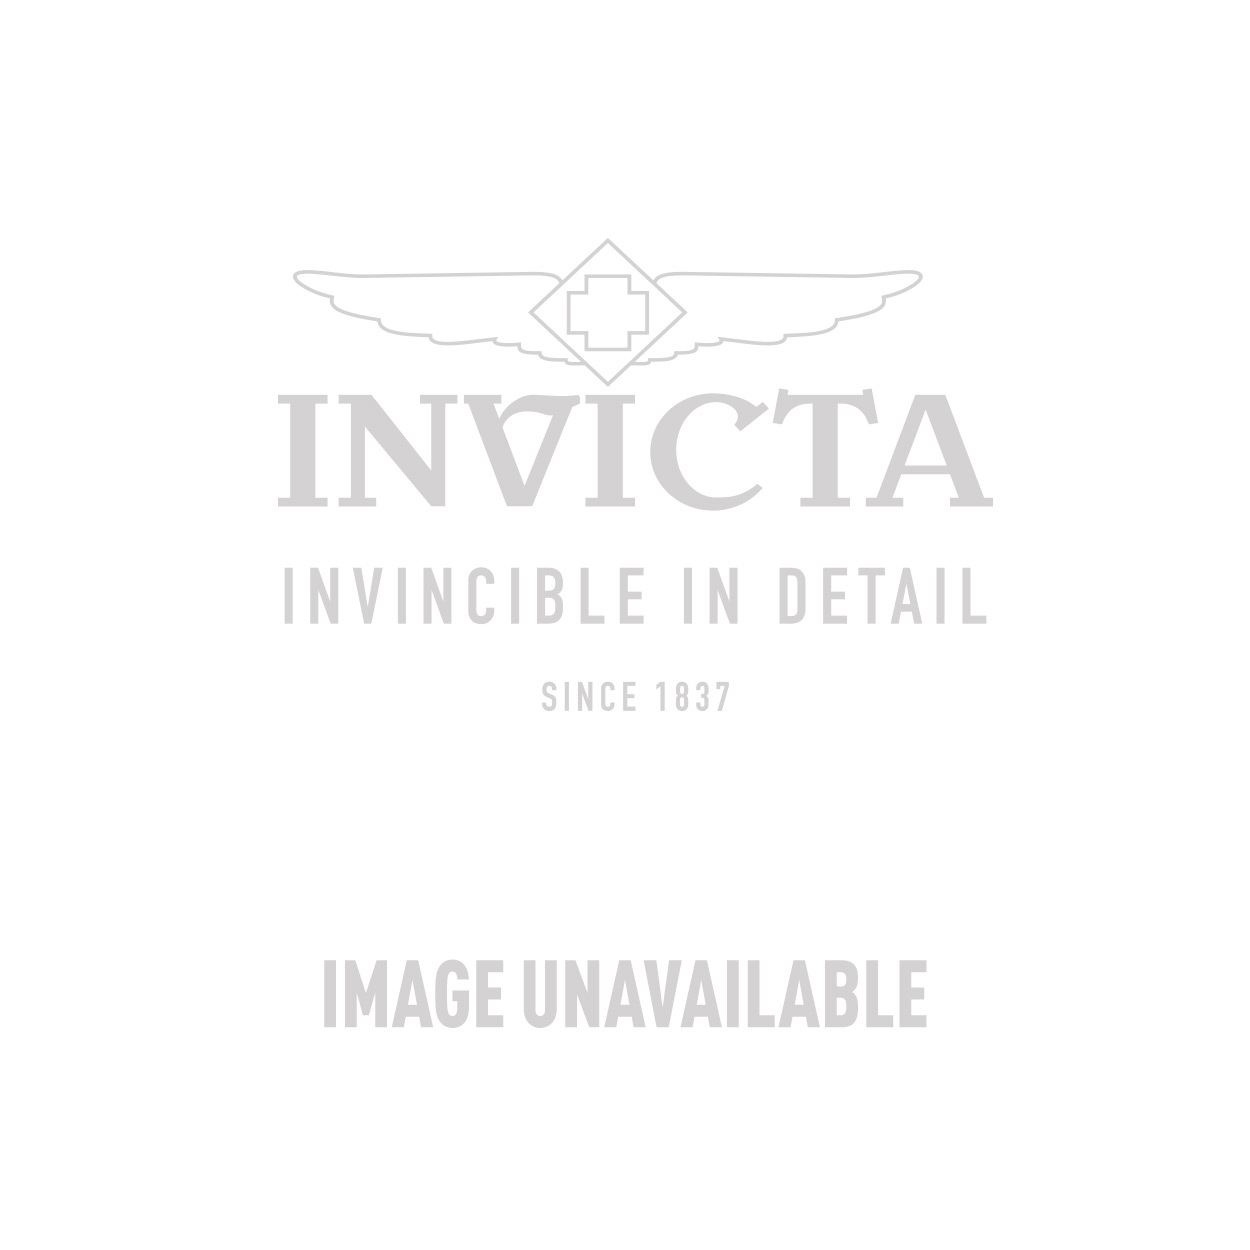 Invicta Model 23979